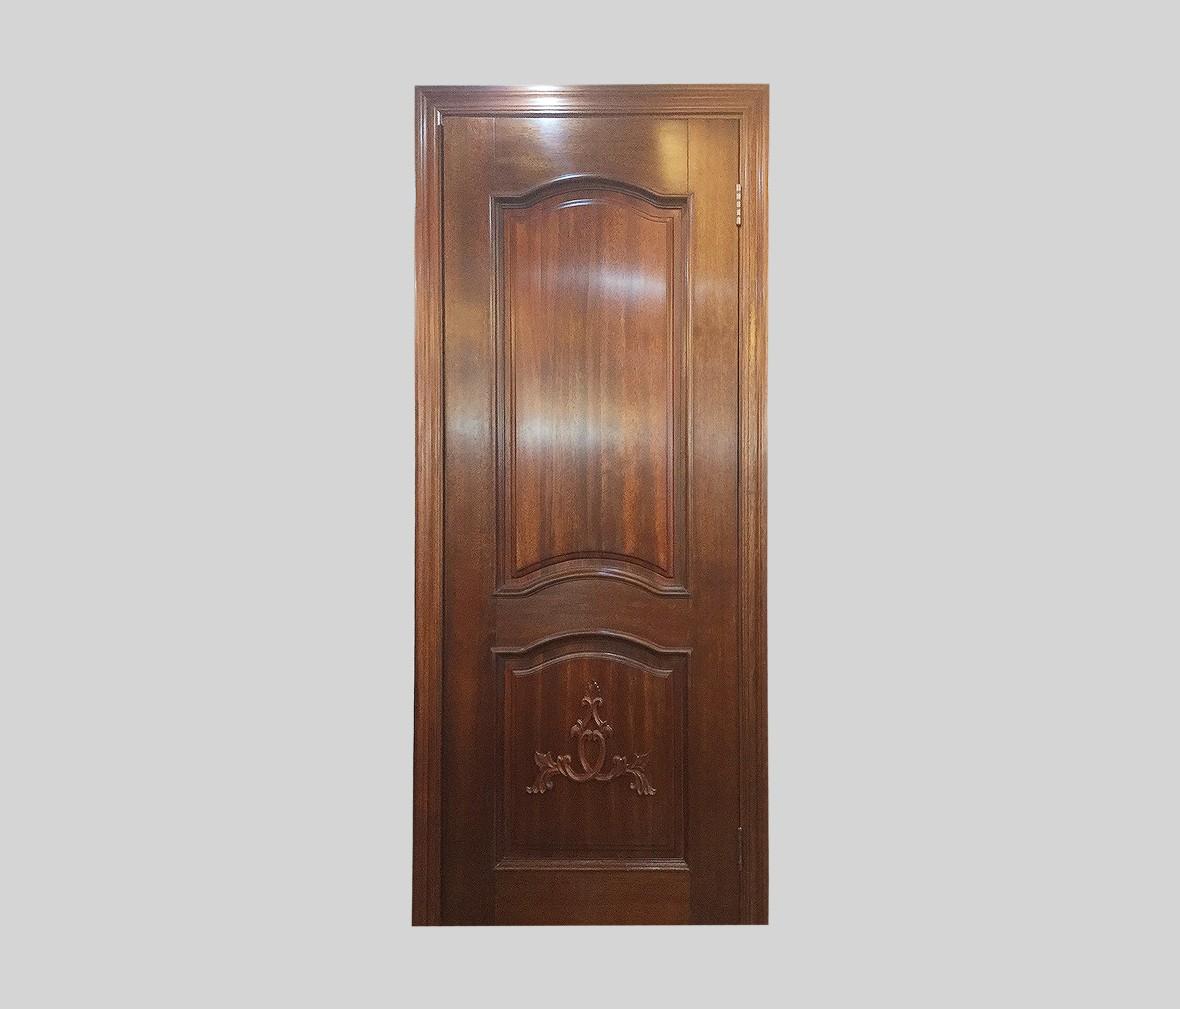 大自然木门 DZR-12型号实木木门 腰板雕花门平口门 商品实拍